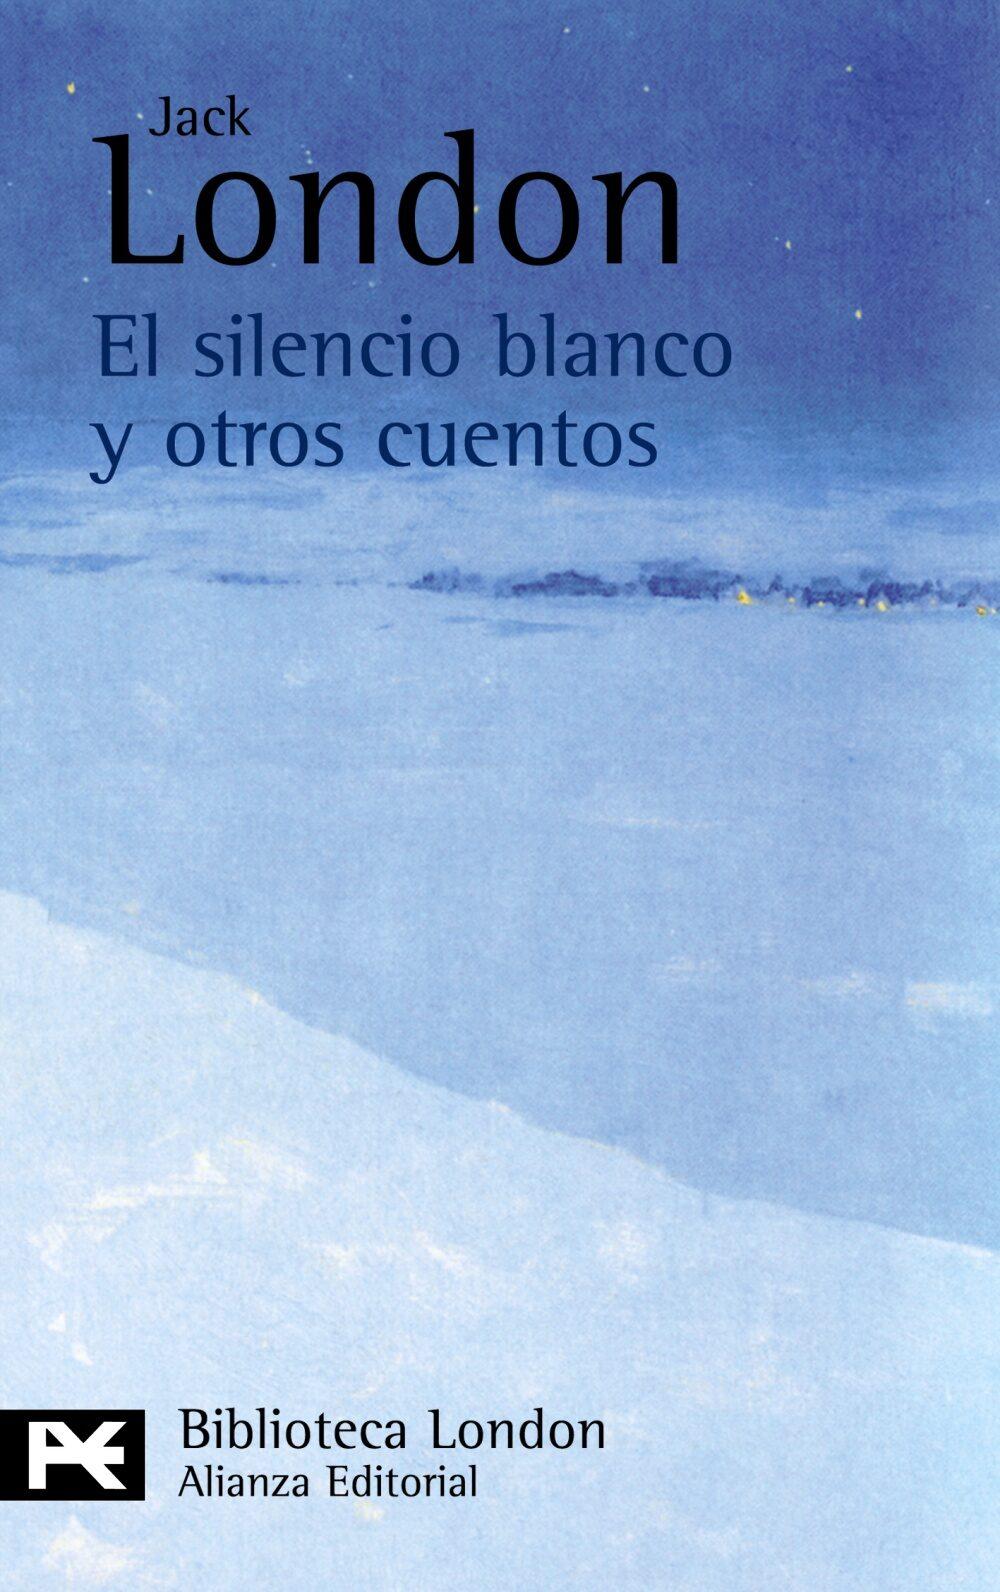 el silencio blanco y otros cuentos-jack london-9788420665542